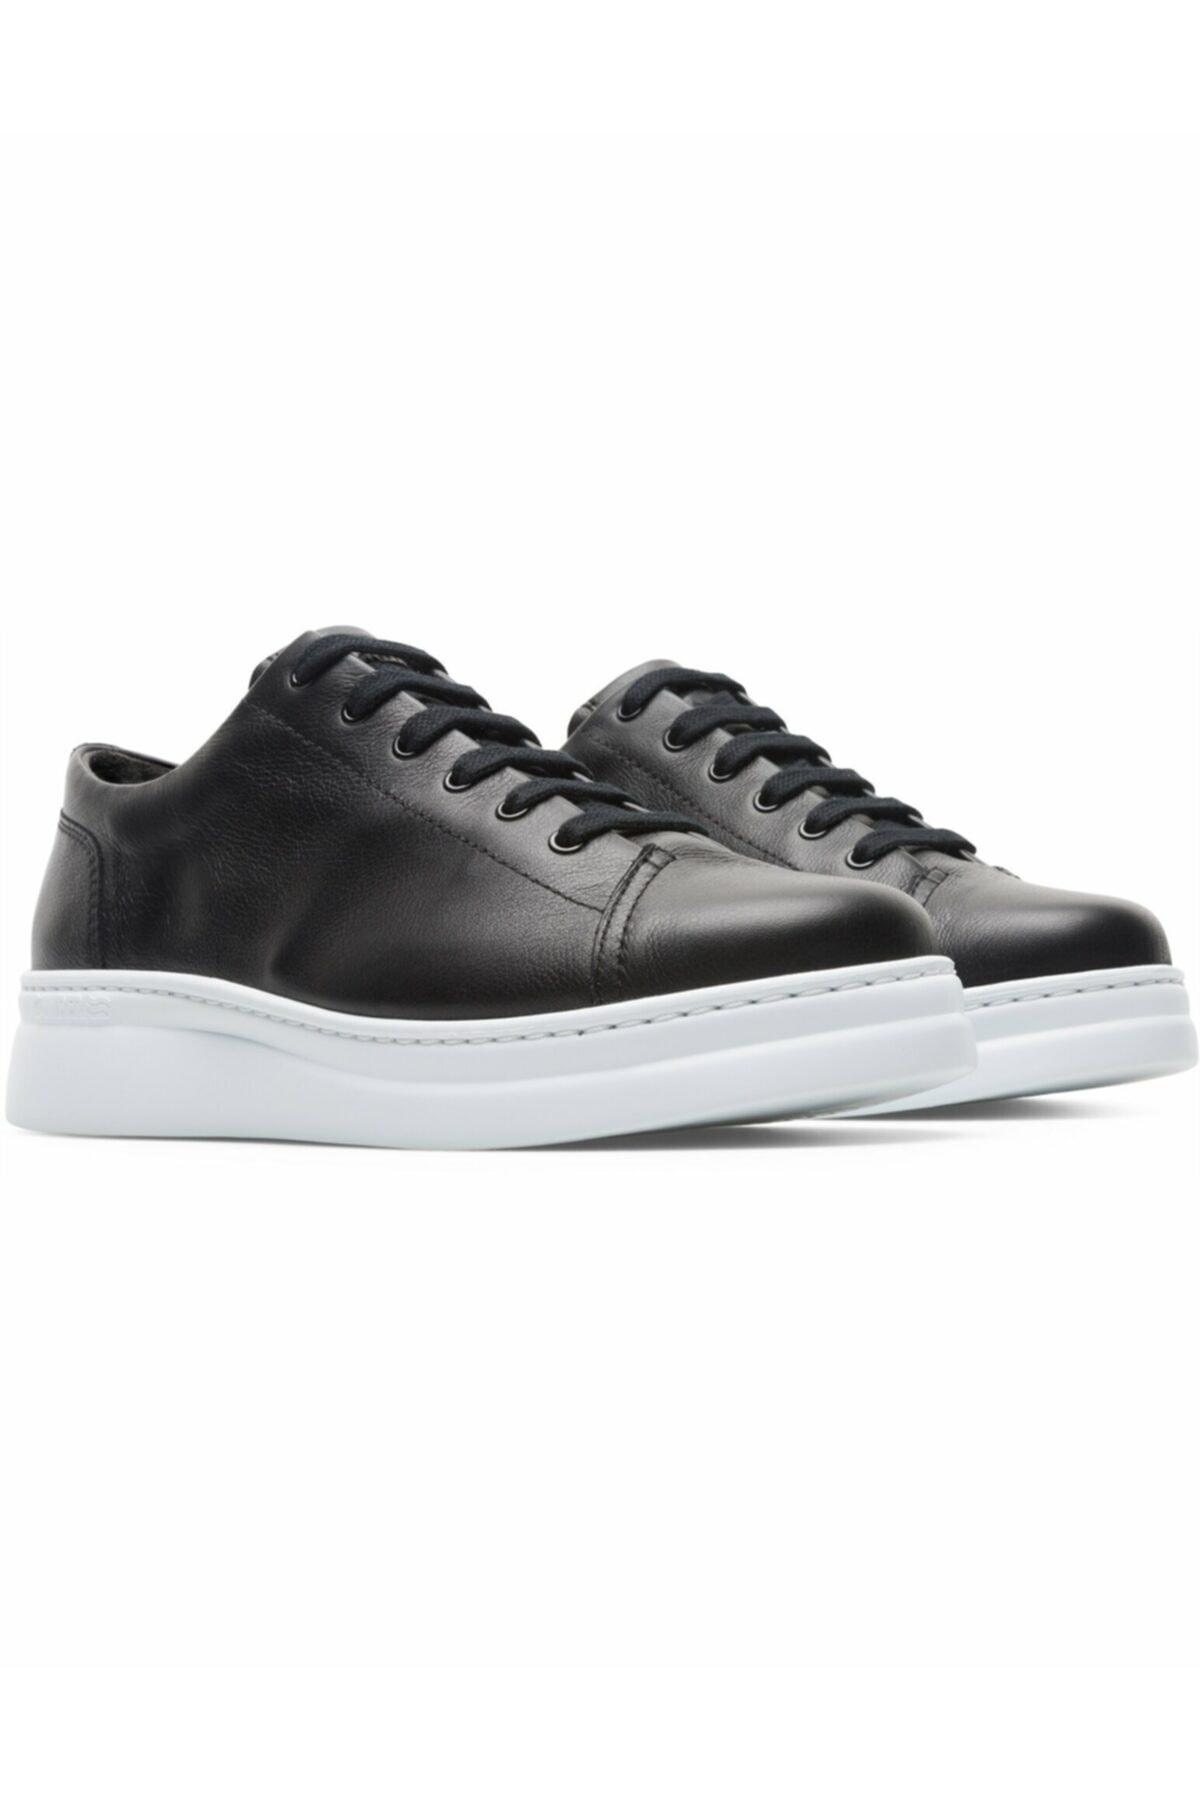 CAMPER Kadın Siyah Günlük Ayakkabı K200508-047 Camper Runner Up 2